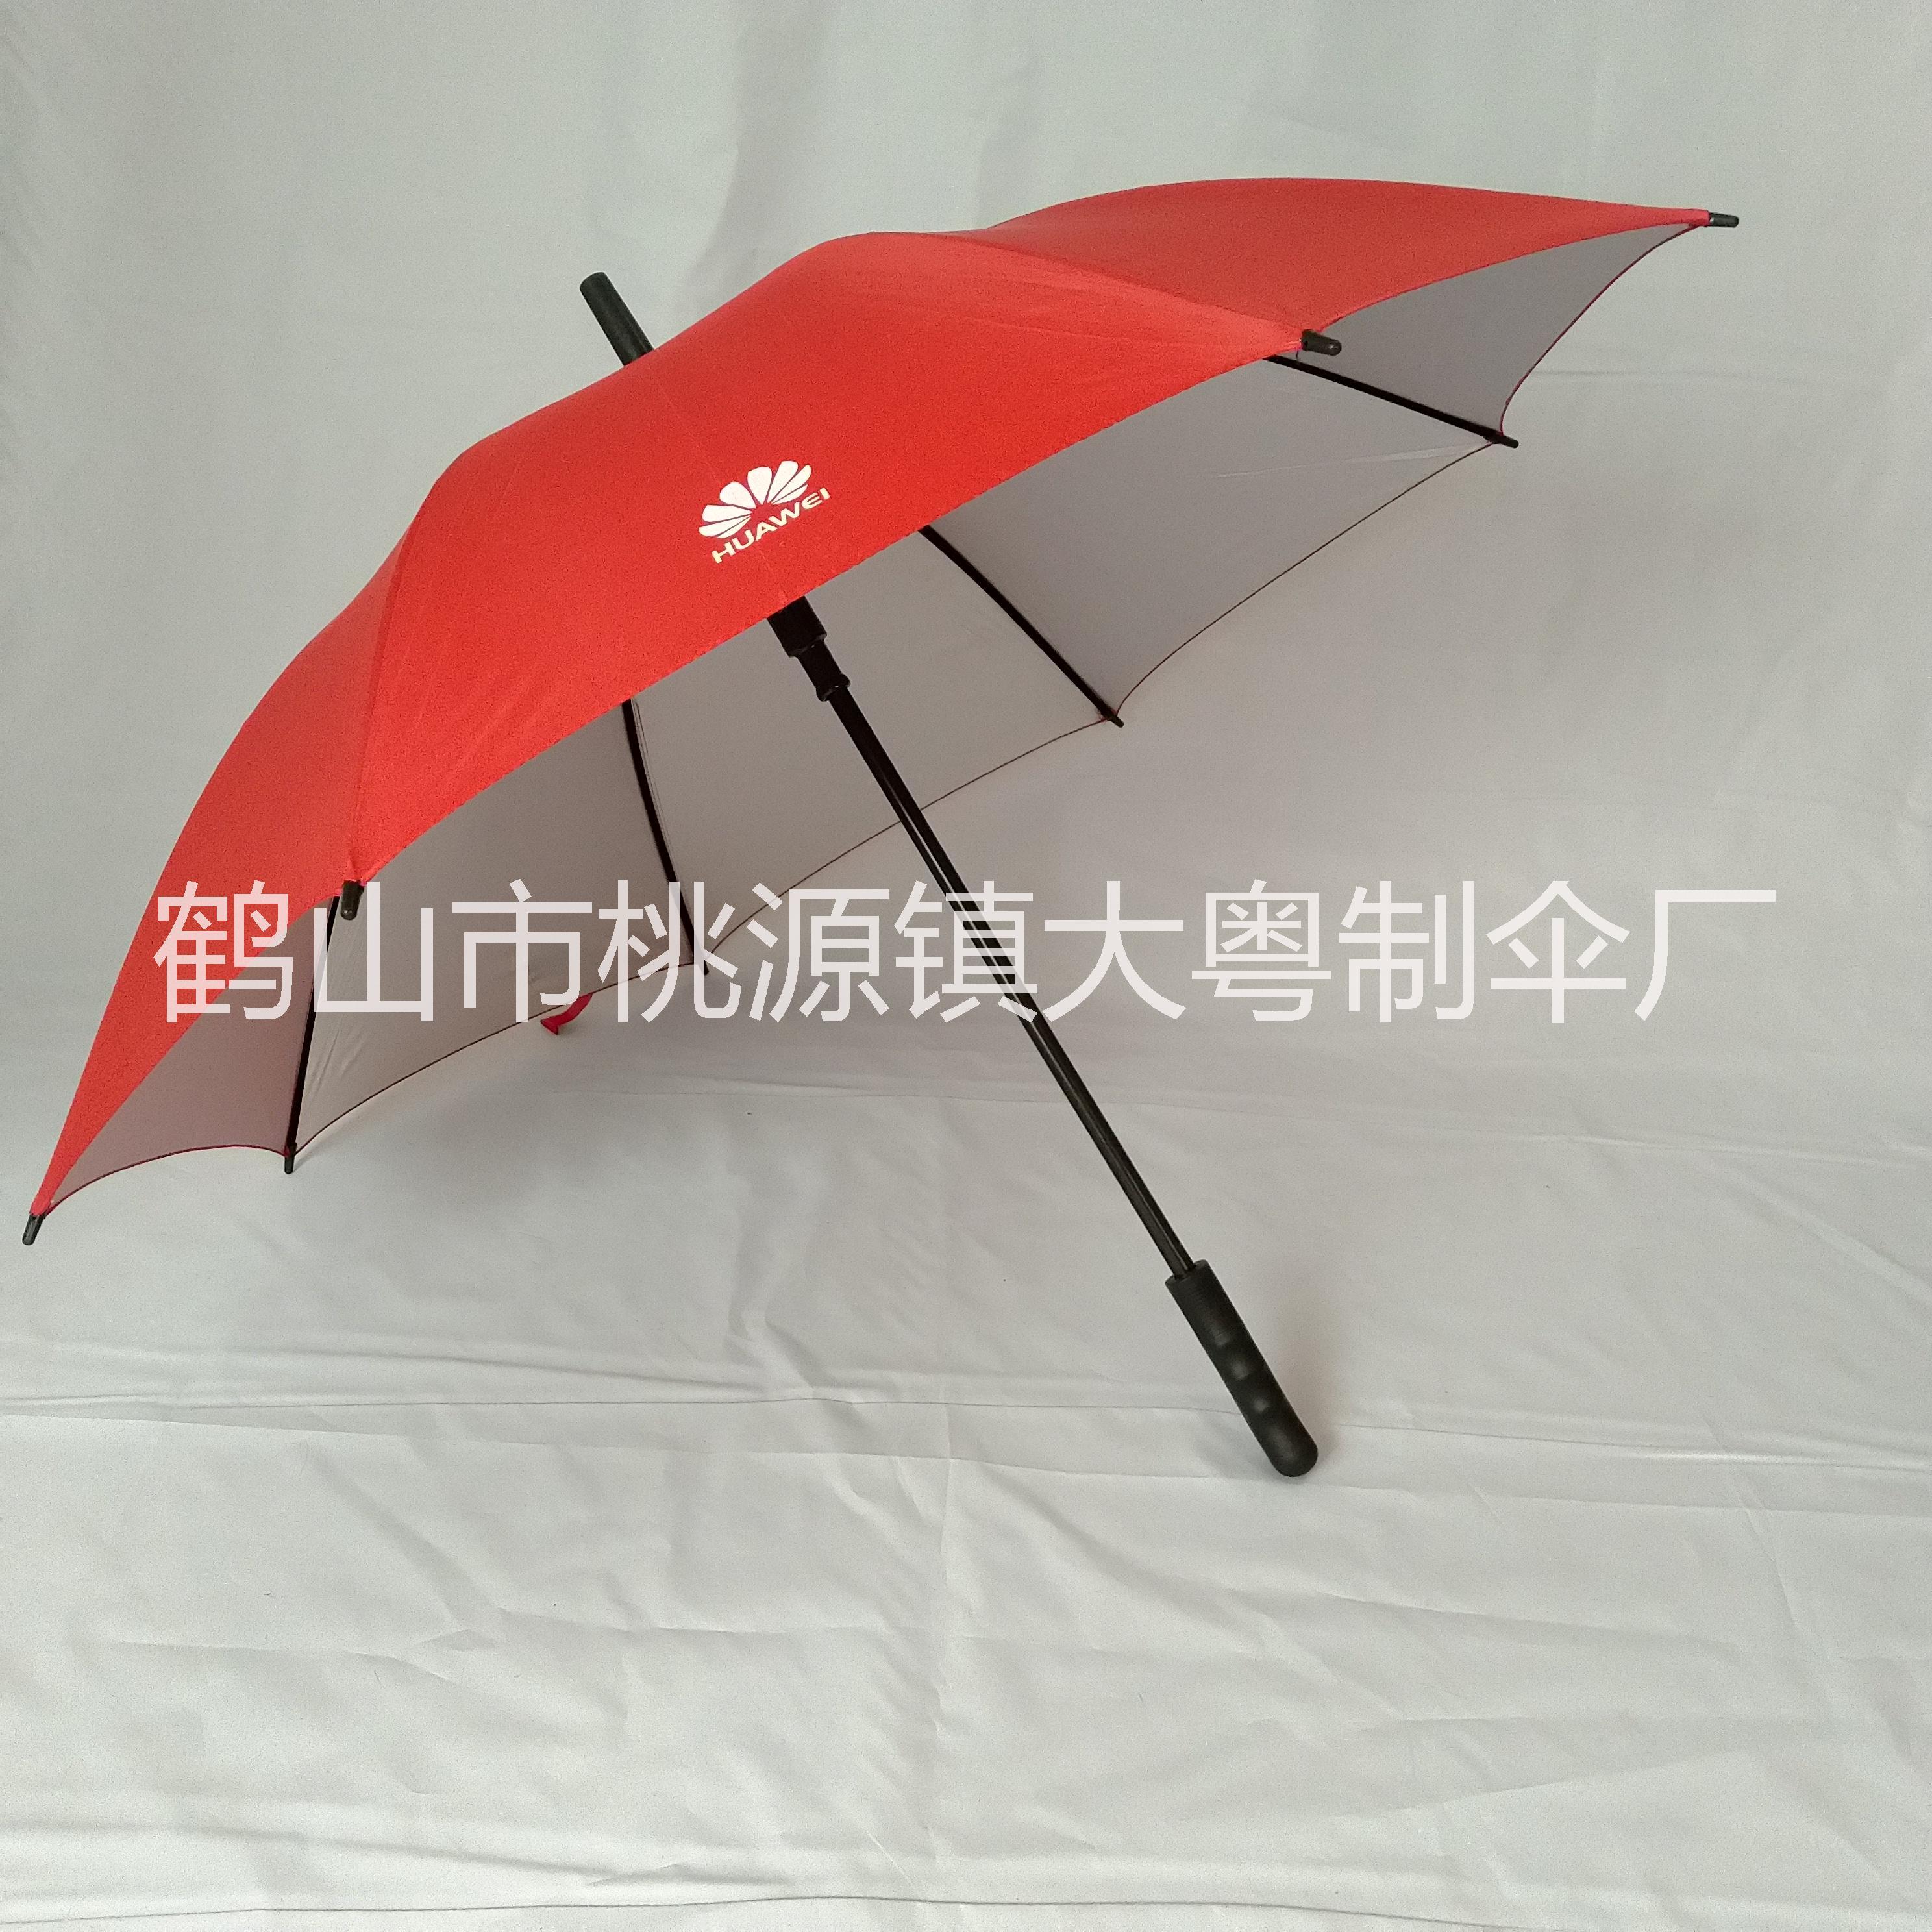 鹤山市桃源镇大粤制伞厂